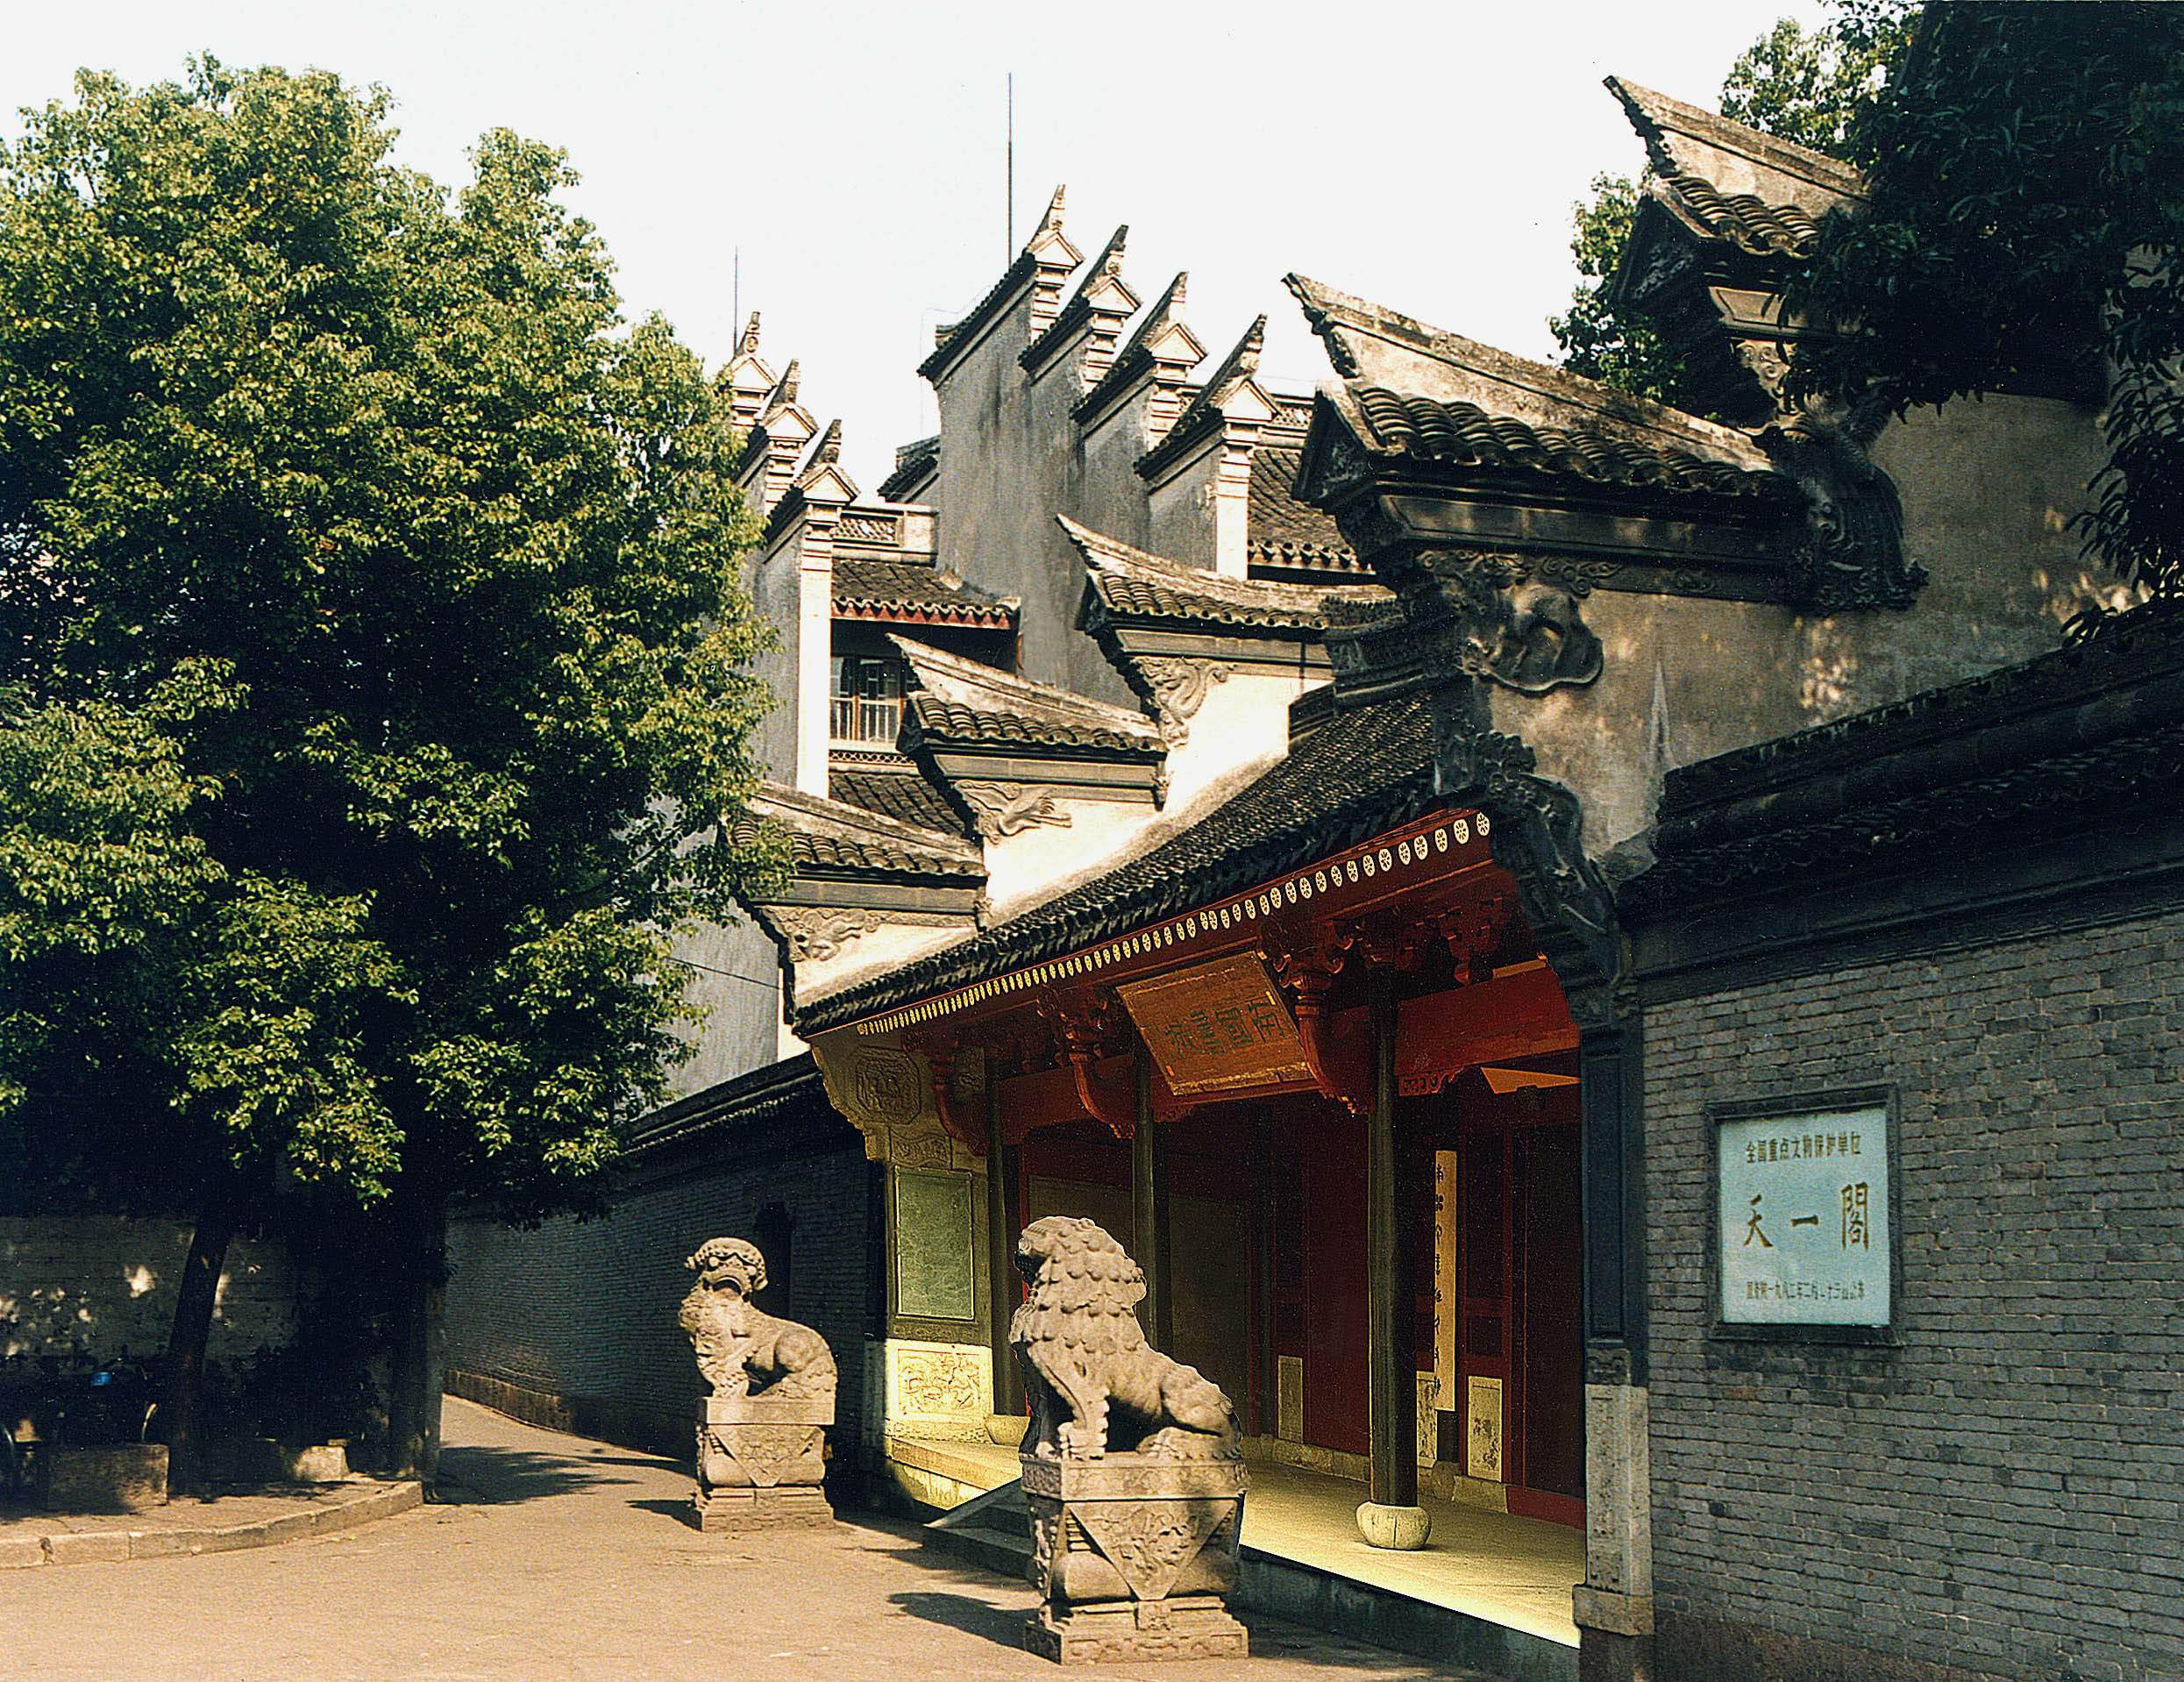 游宁波雅戈尔动物园,住宁波开元大酒店